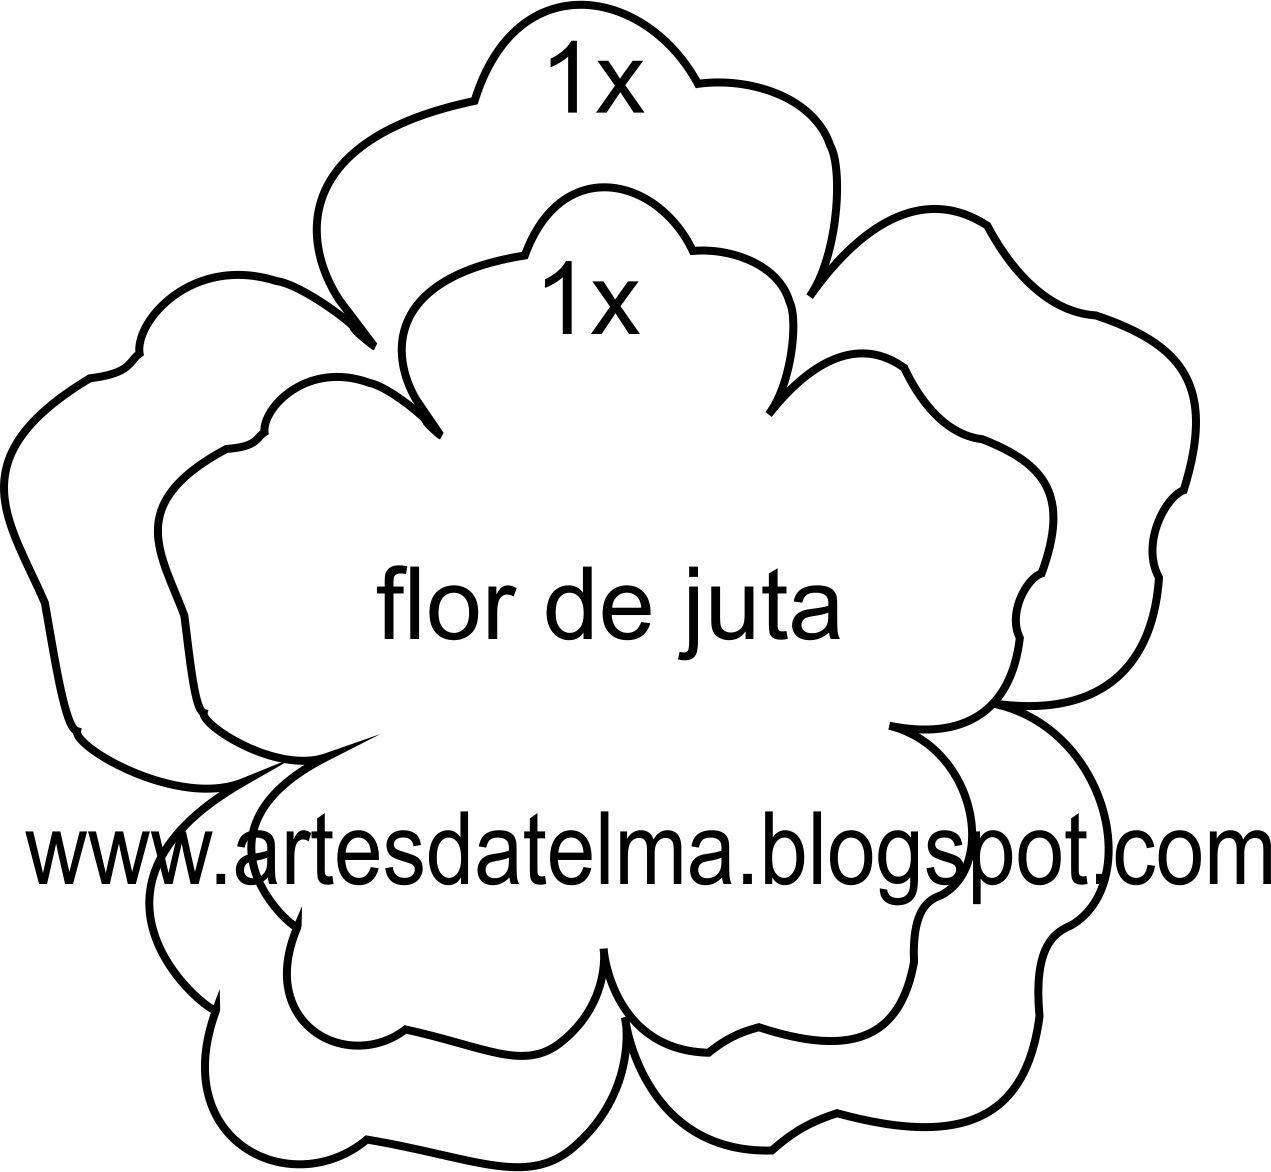 moldes de floress - Pesquisa do Google | papir en 2018 | Pinterest ...